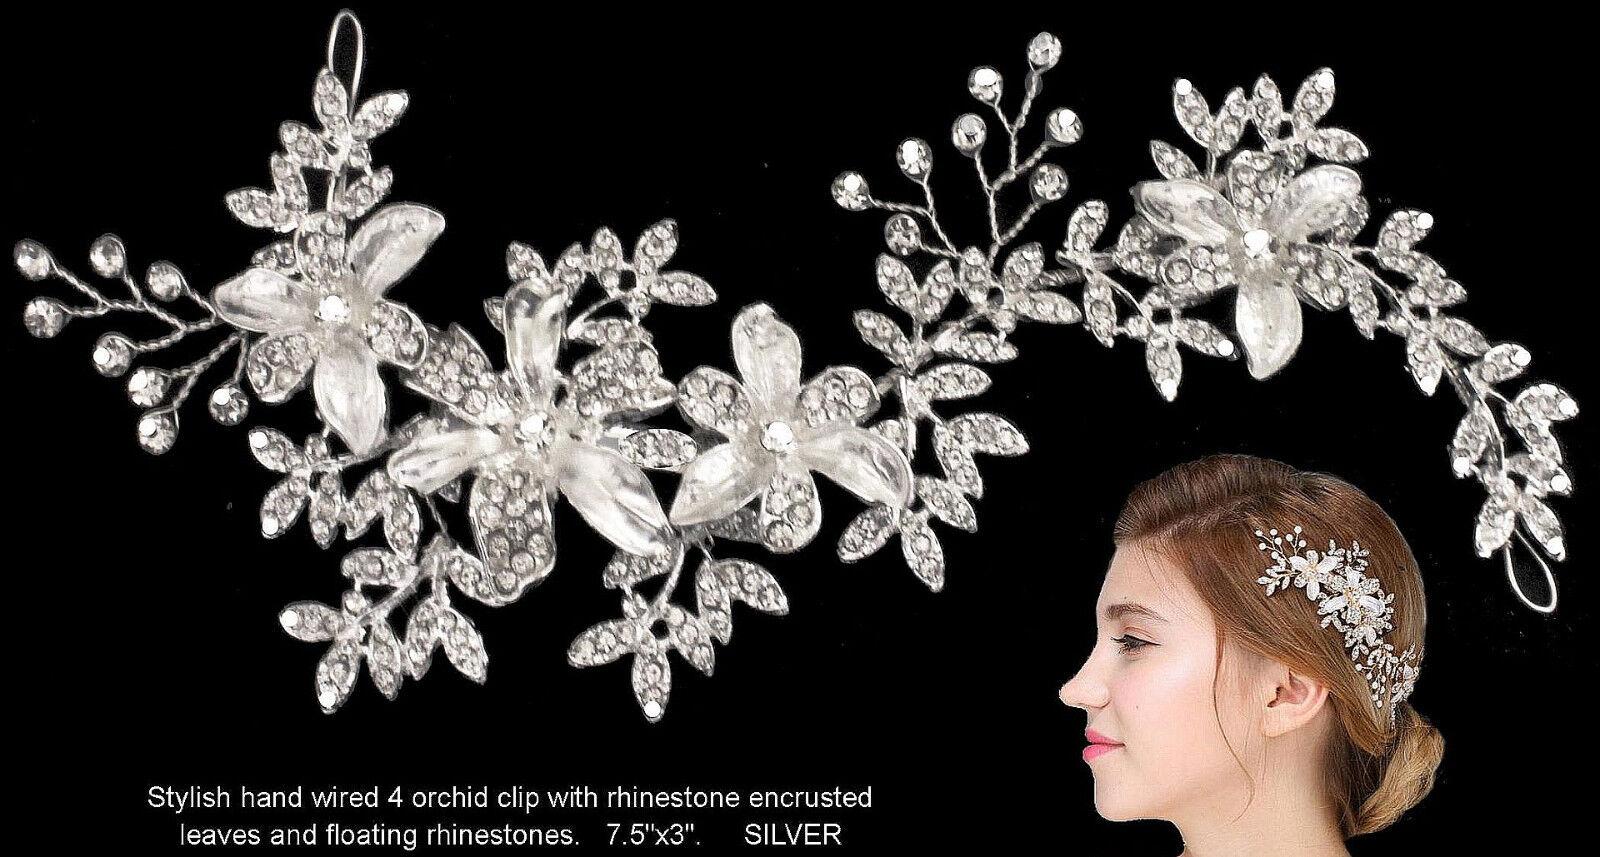 Silver Rhinestone Floral Leaf Bridal Wedding Fascinator Headpiece Hair Clip